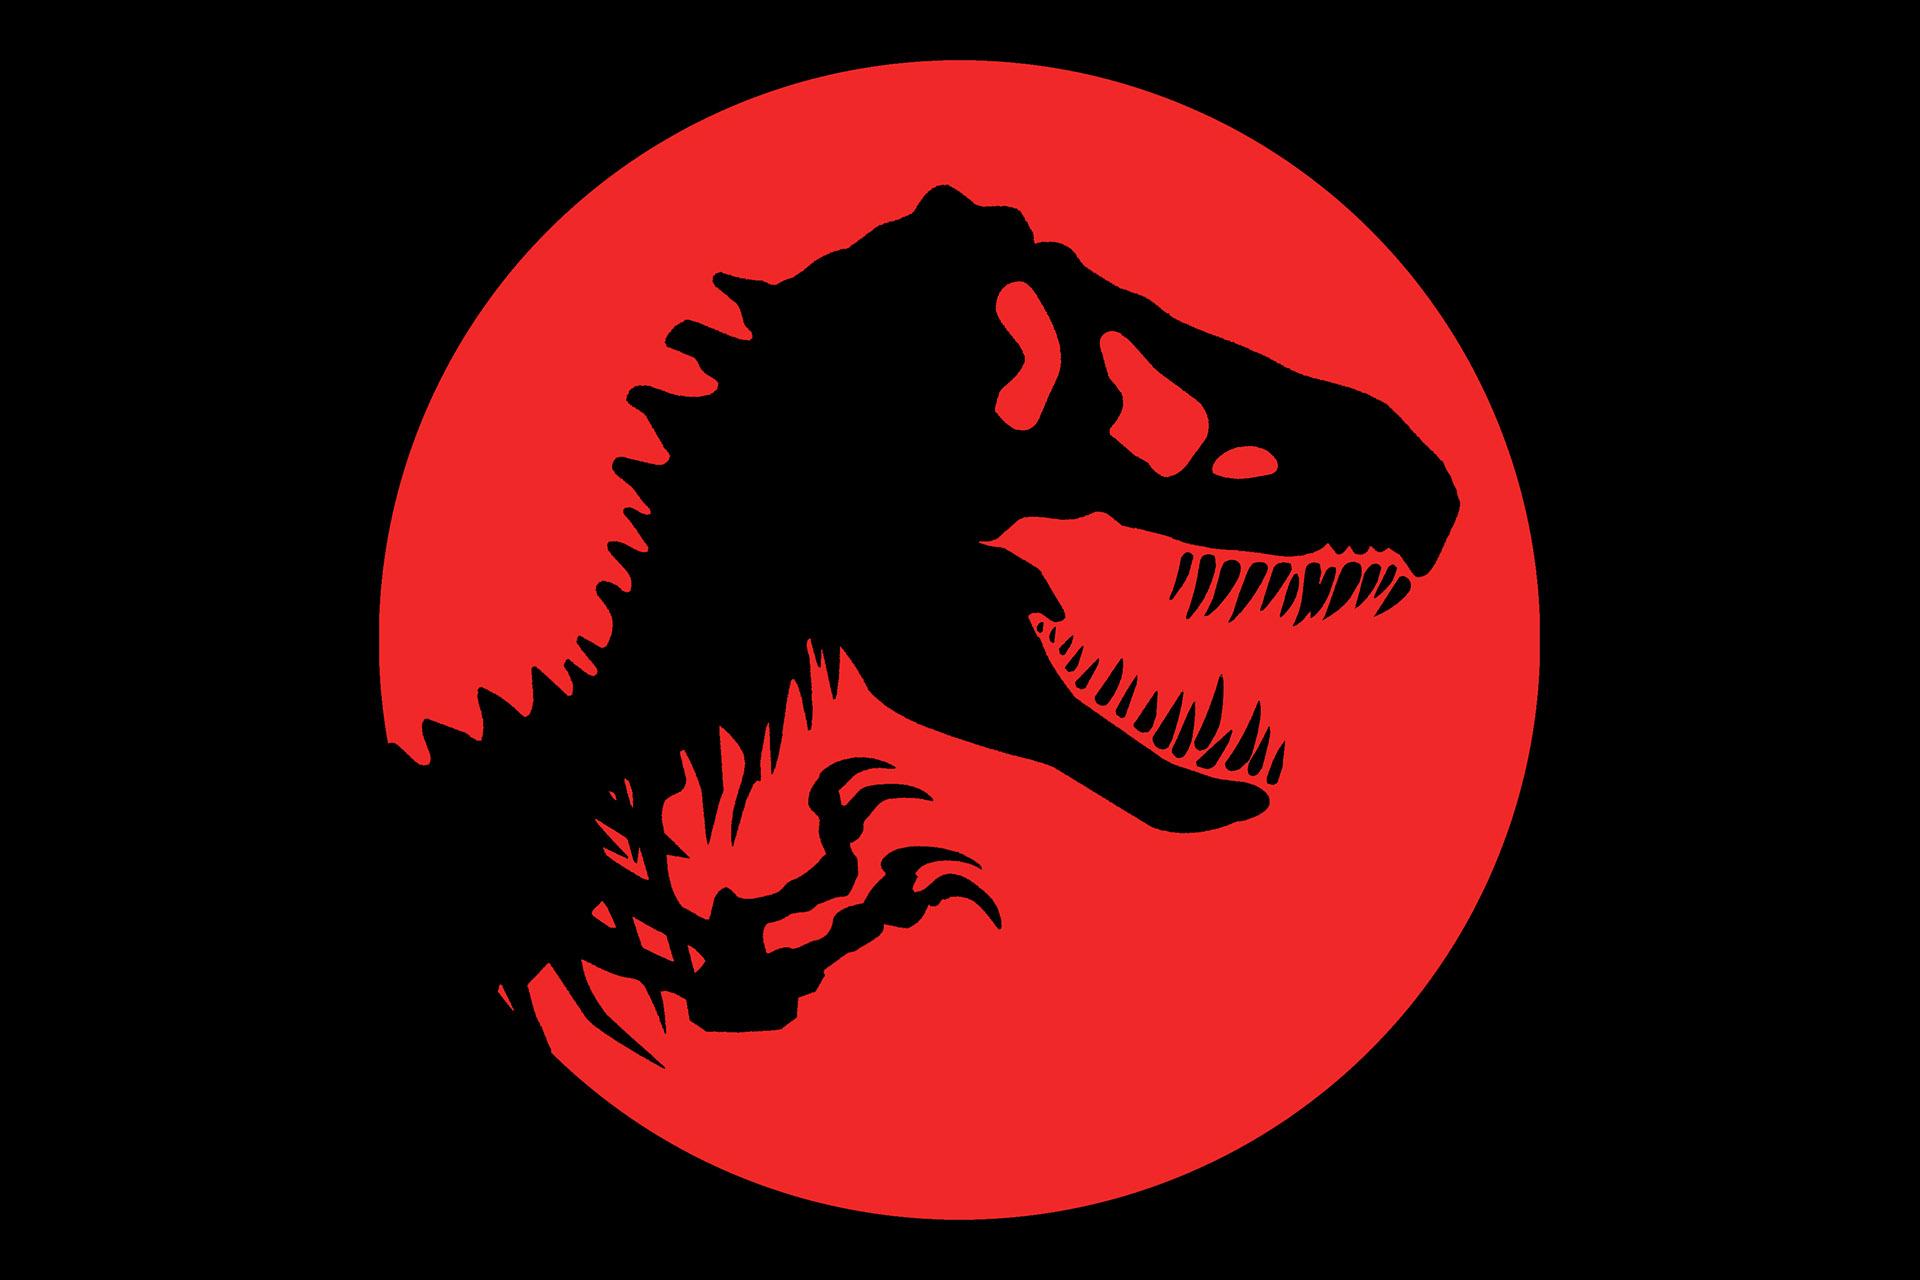 نگاهی به سری بازیهای Jurassic Park